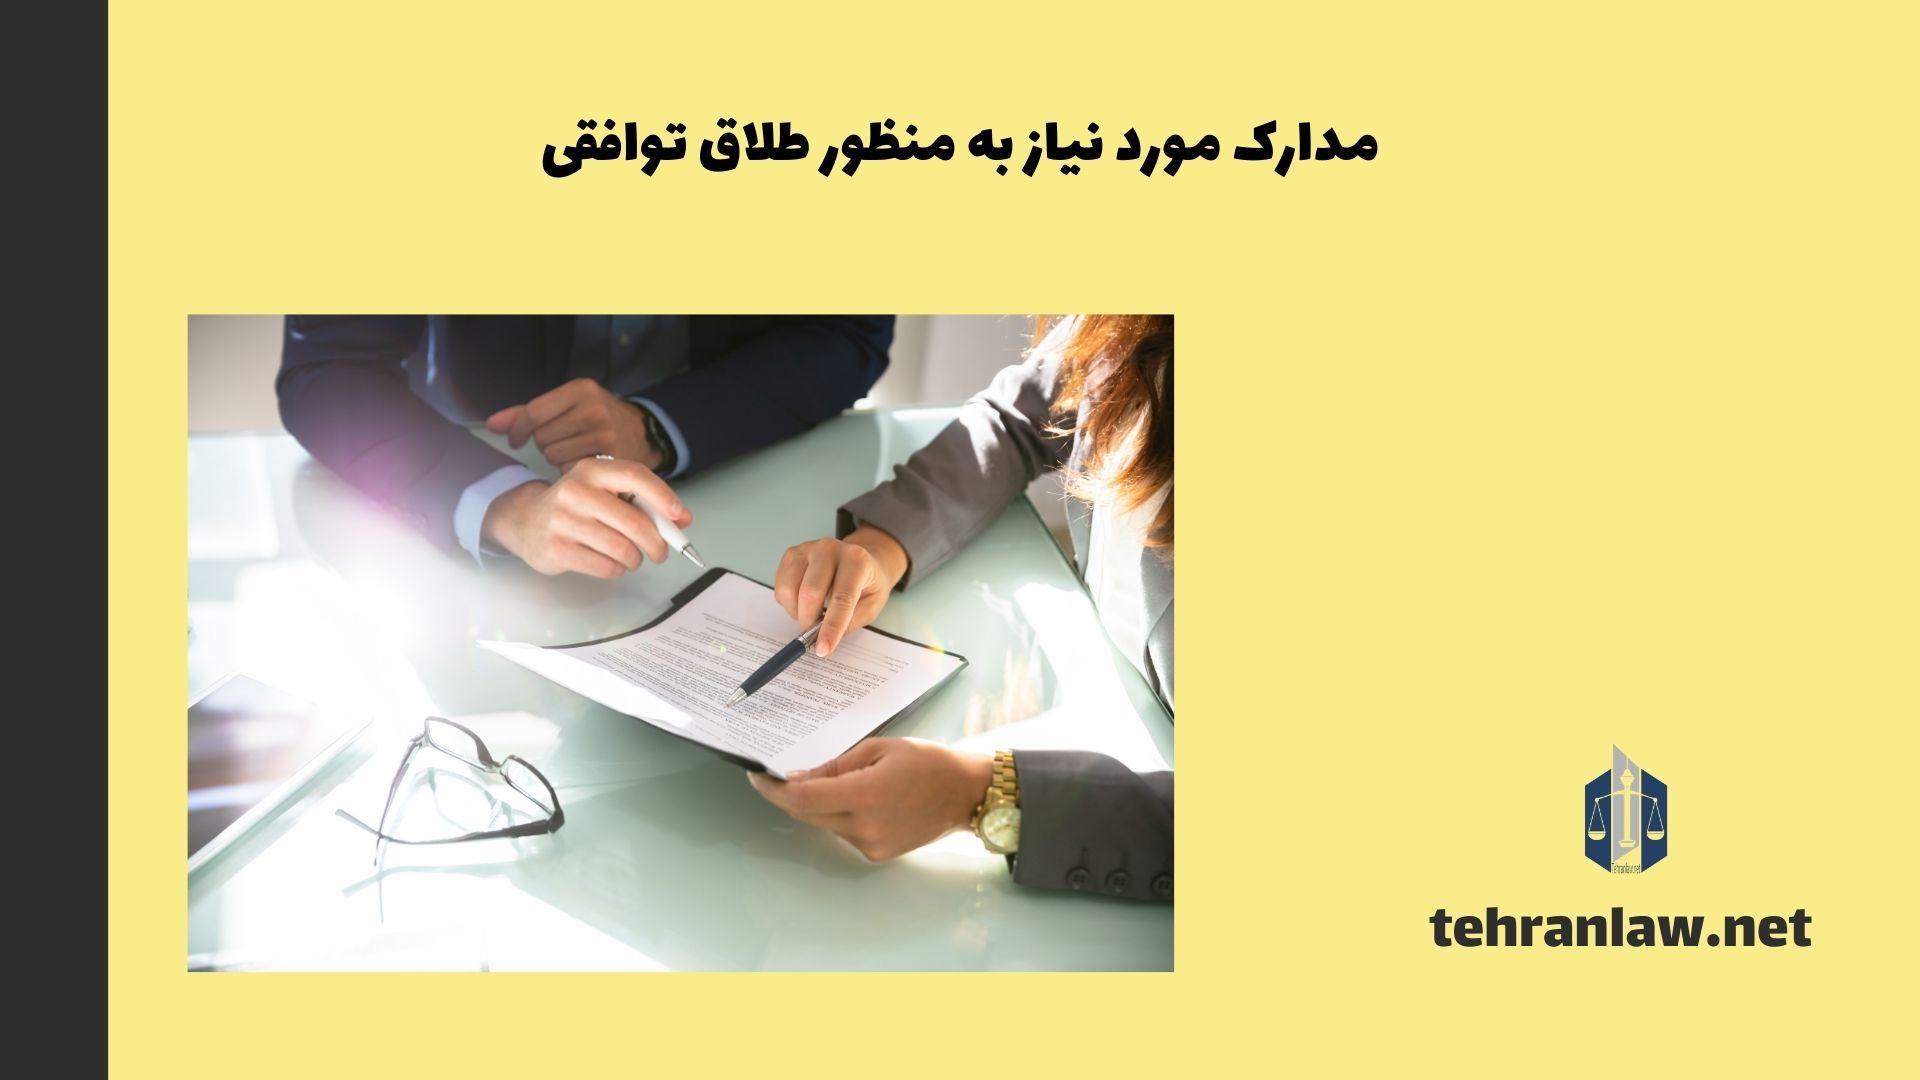 مدارک مورد نیاز به منظور طلاق توافقی